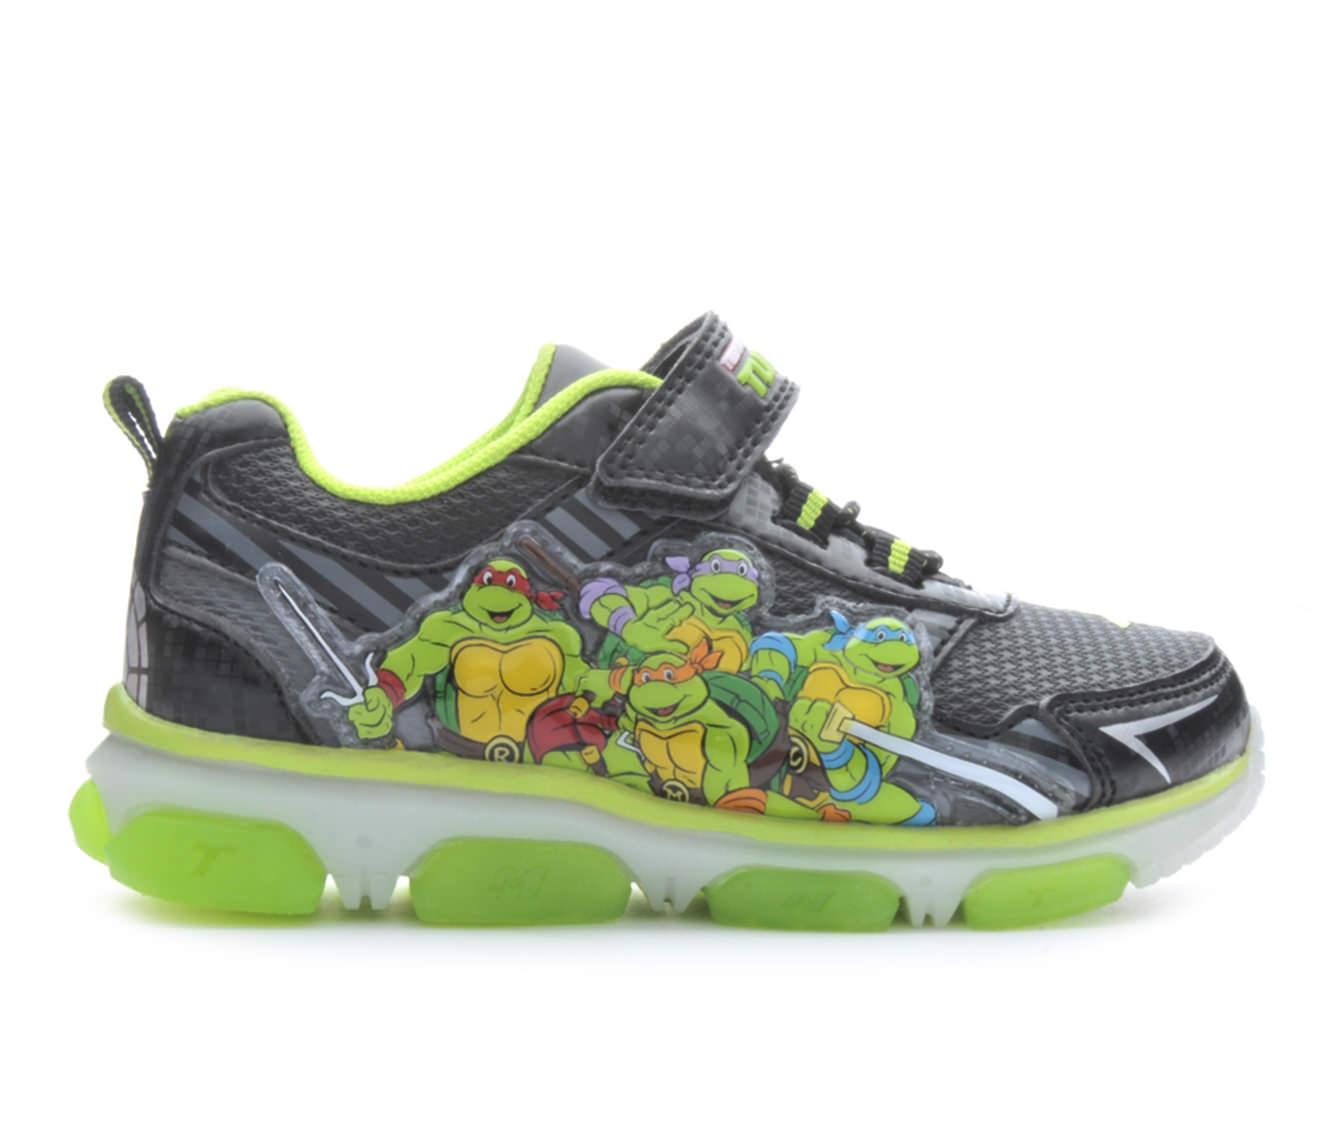 Boys' Nickelodeon TMNT Lighted 3 Sneakers (Black)